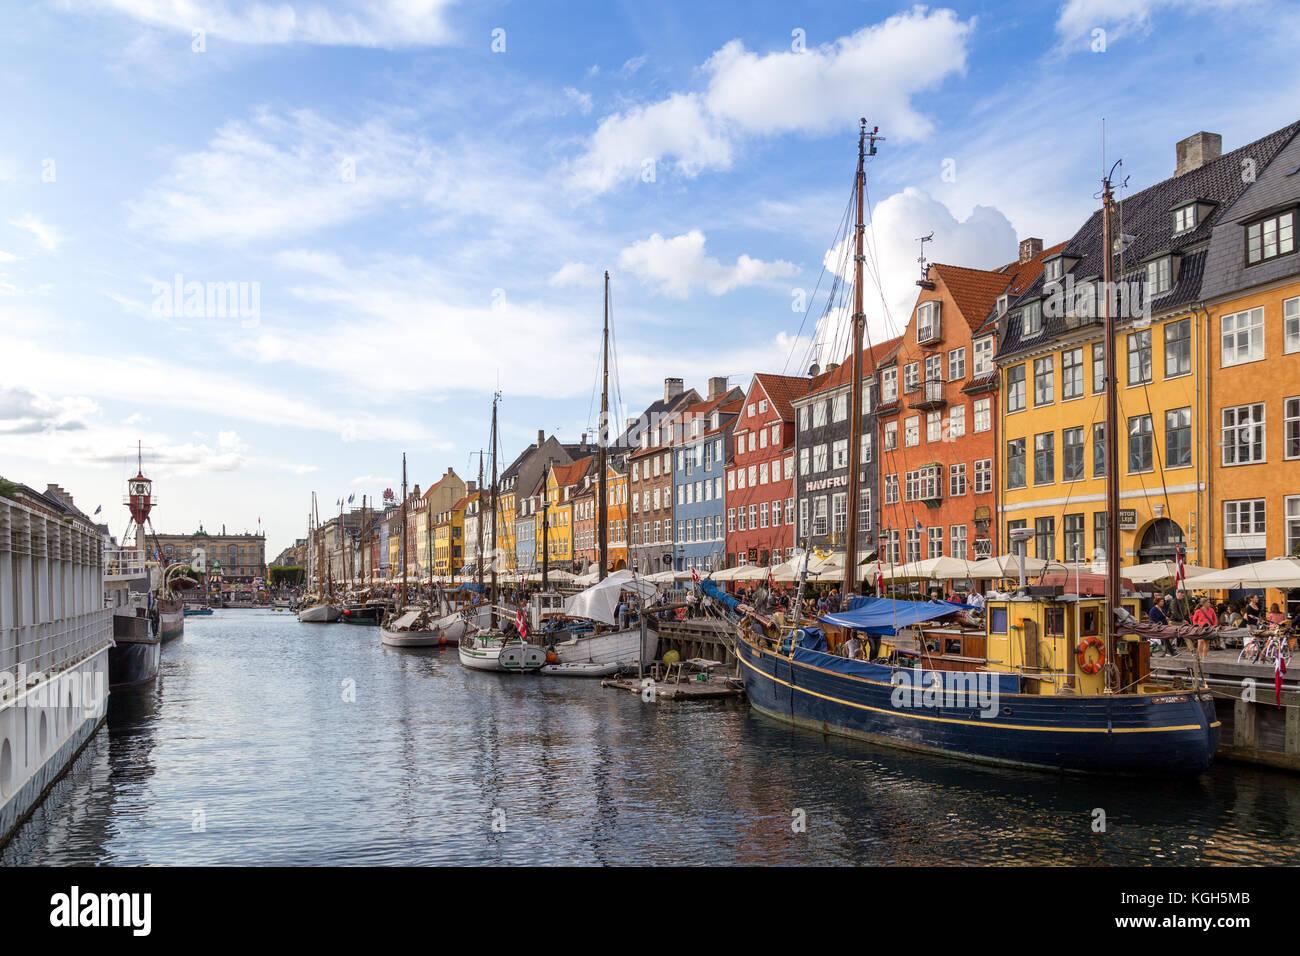 Hafen Nyhavn in Kopenhagen, Dänemark. Stockbild